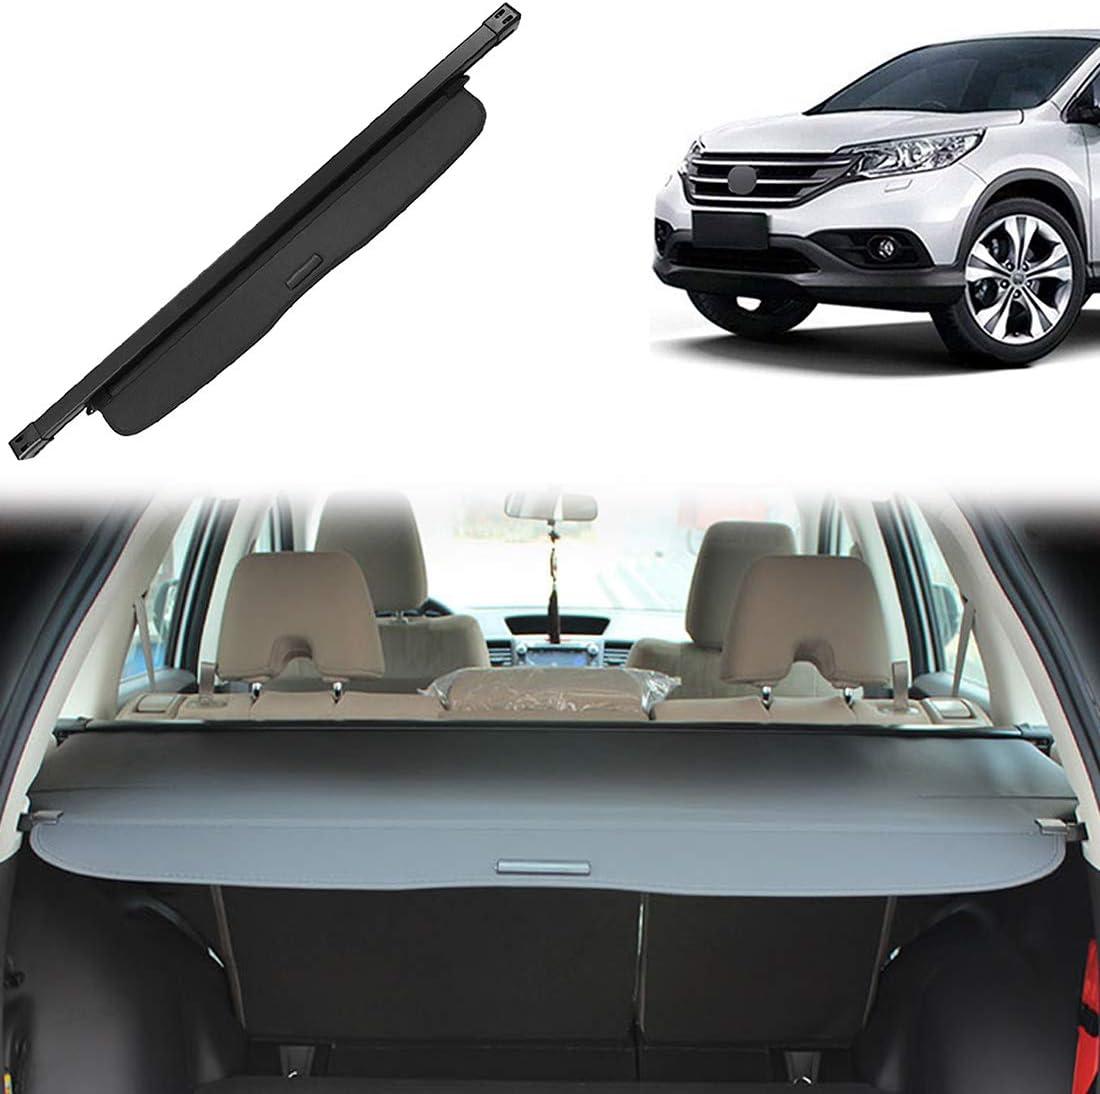 Black Covercraft Custom Fit Car Cover for Select Honda CR-V Models FS16326F5 Fleeced Satin